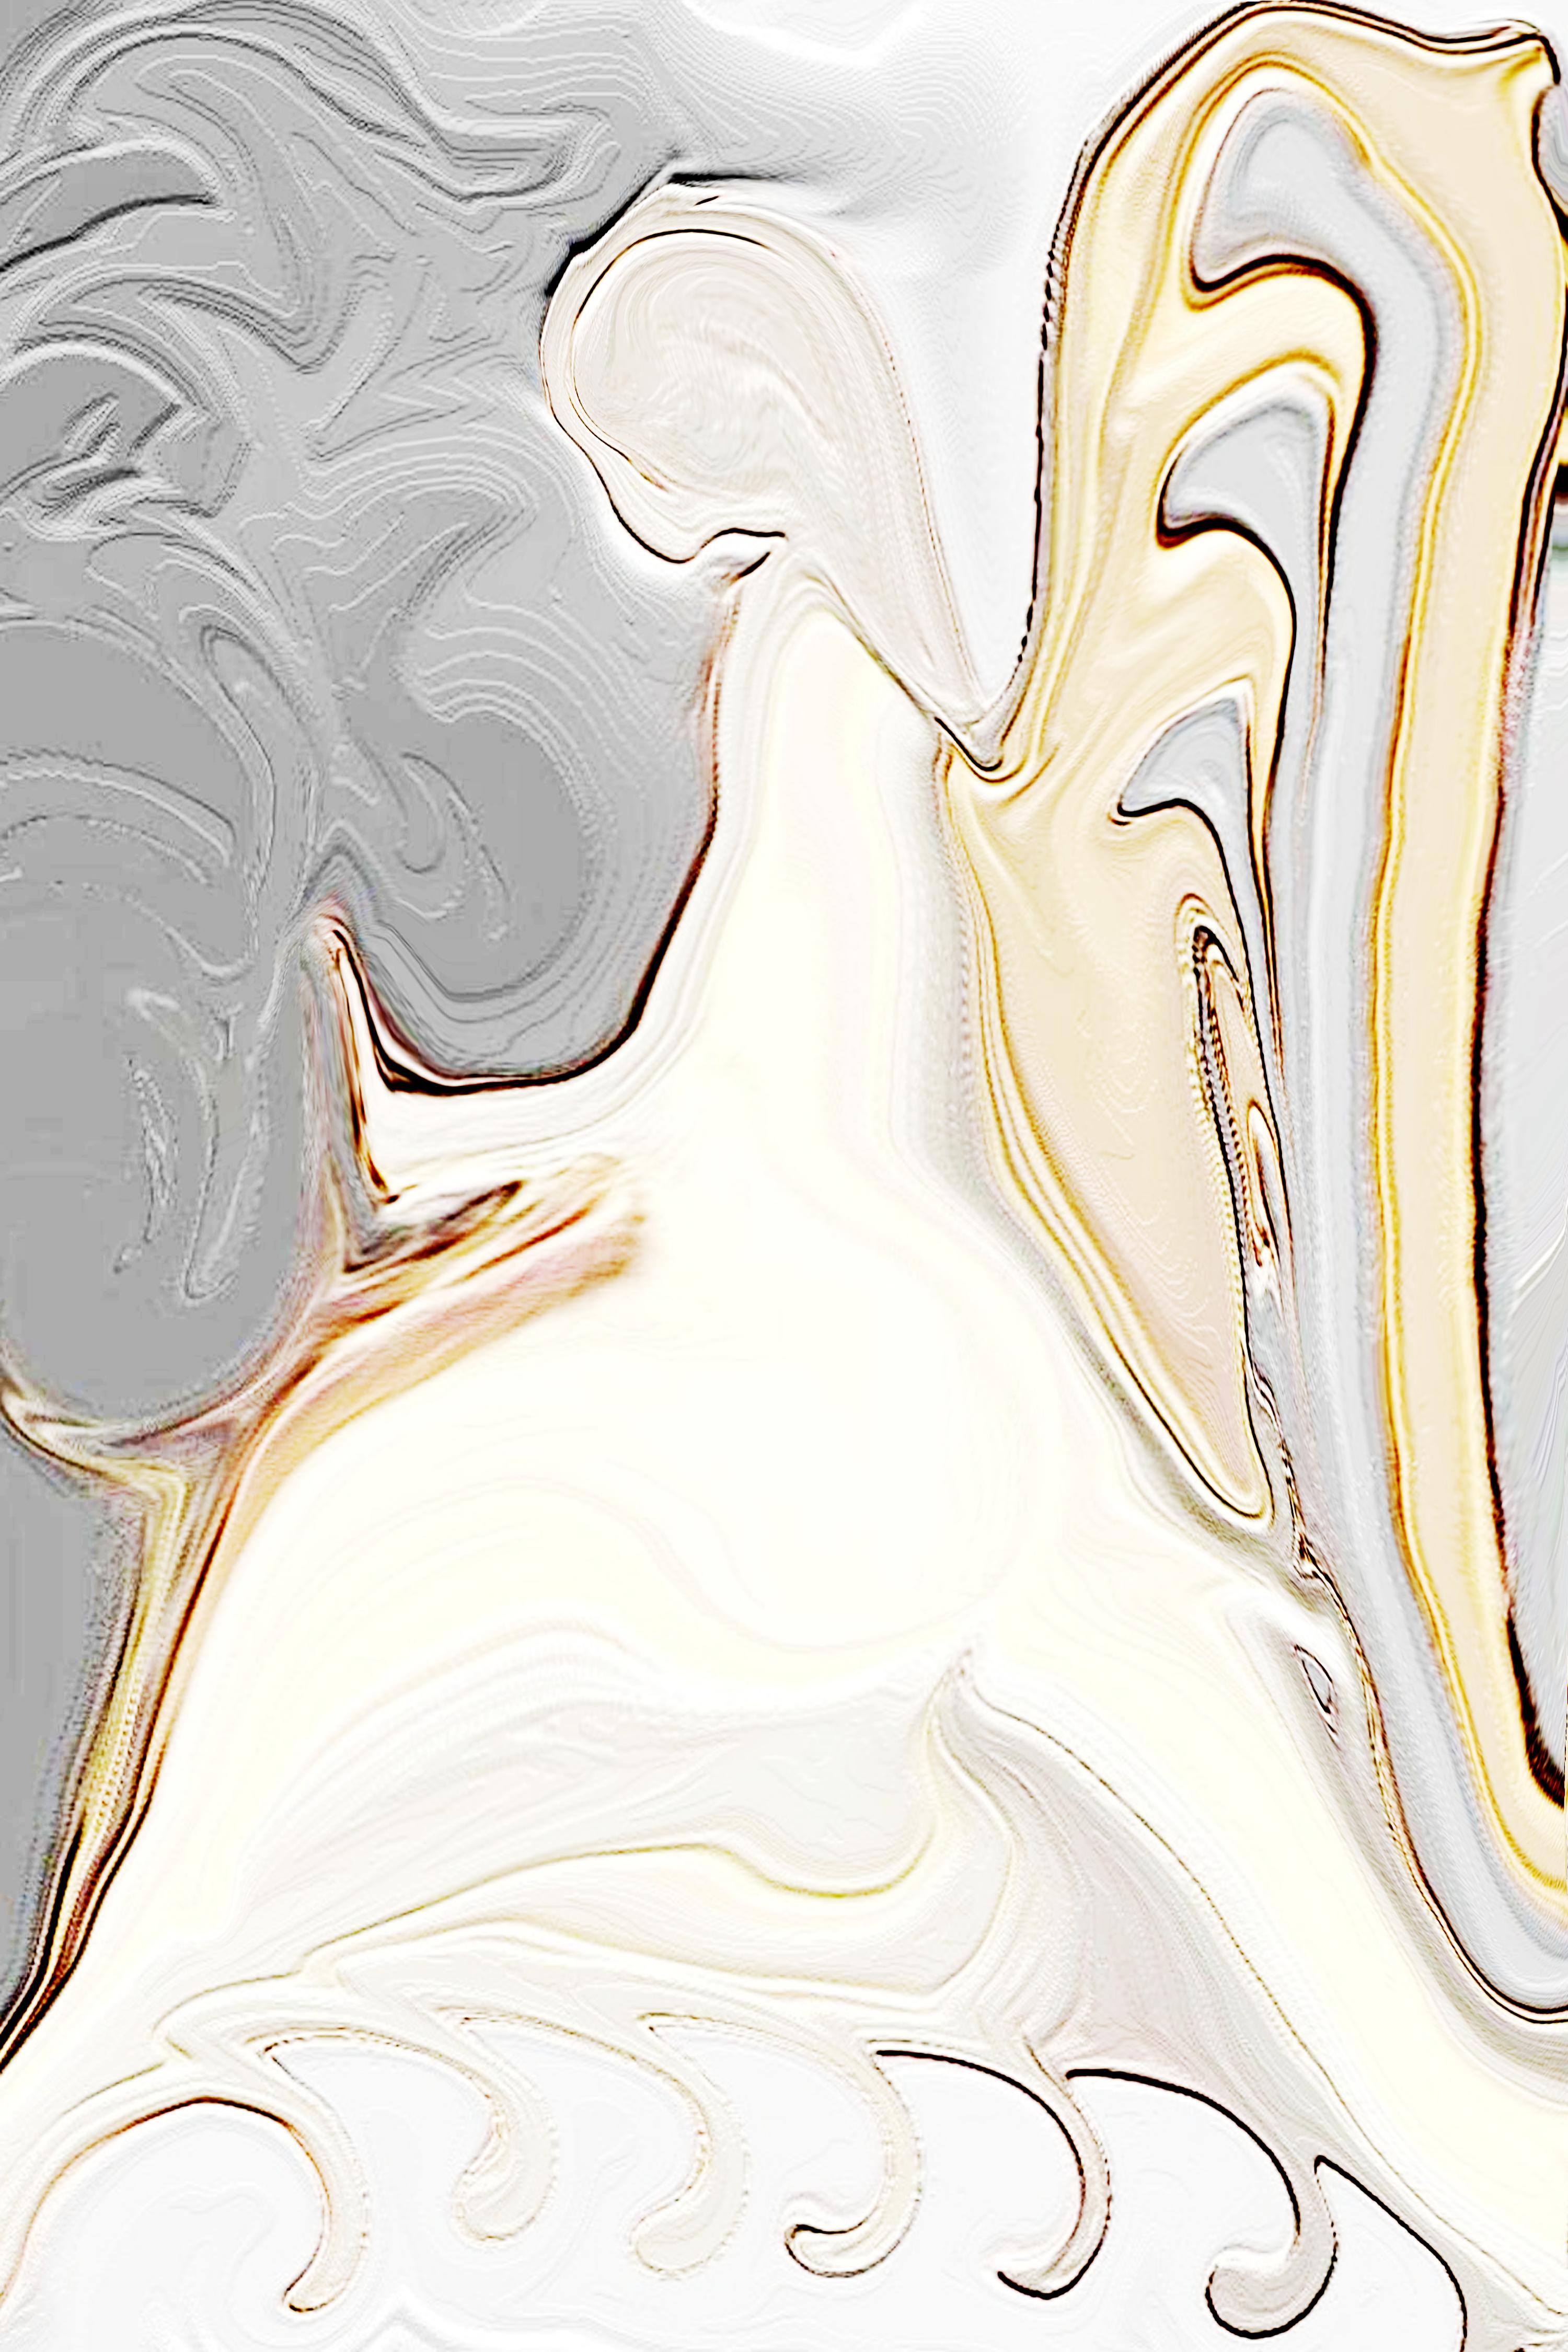 4 Erzengel Gabriel - weißen Lichtstrahl - Reinheit - Klarheit - Neubeginn - Auferstehung - liebevoll zart angenehm kribbelnd